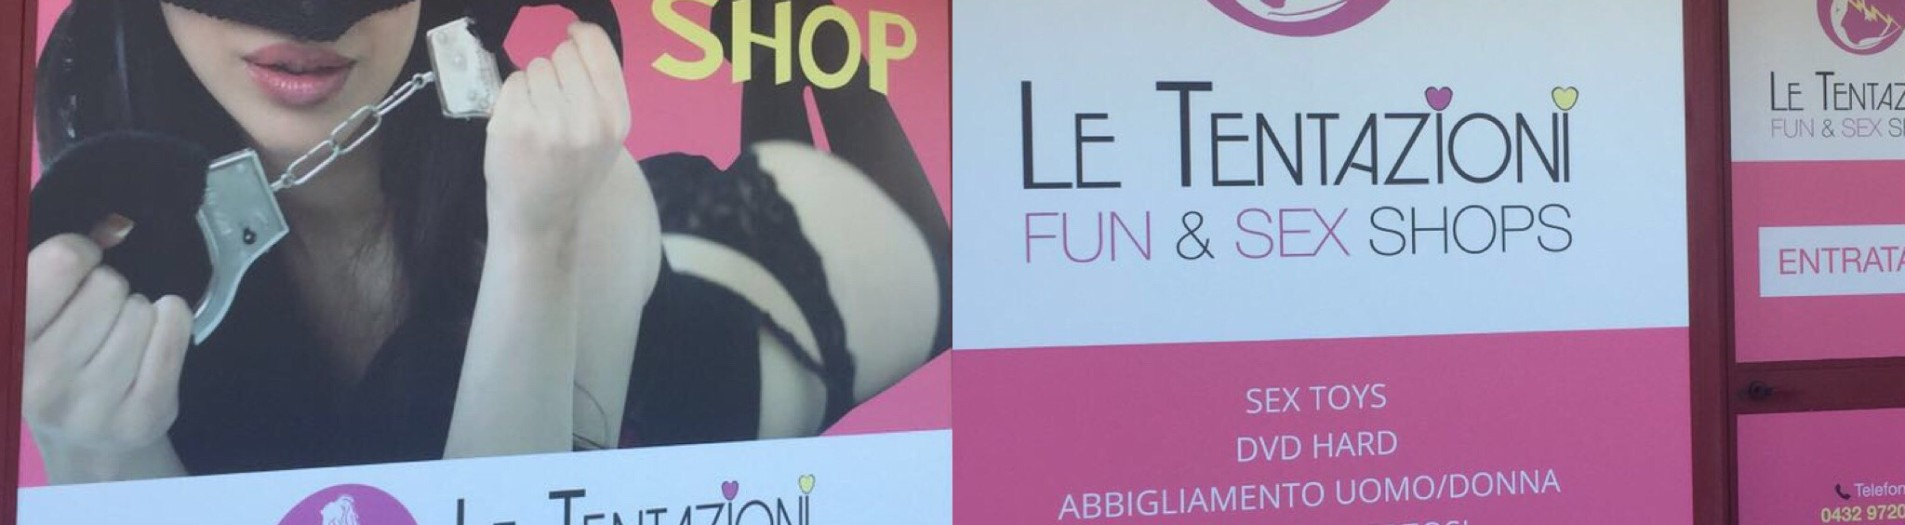 VETROFANIE SEXY SHOP LE TENTAZIONI A GEMONA DEL FRIULI